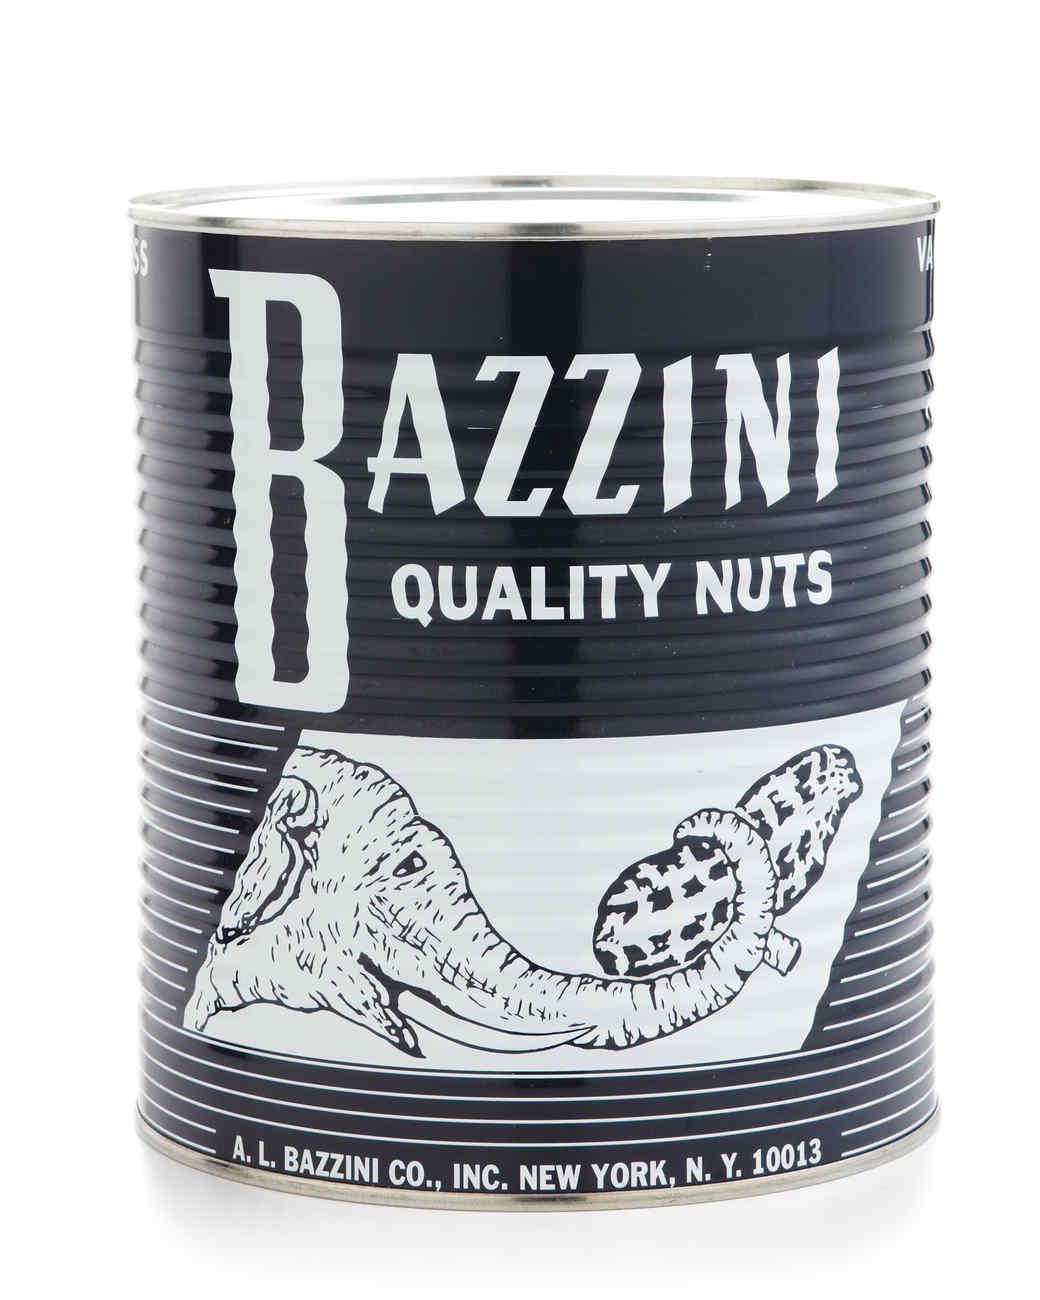 bazzini-nuts-0811mld107420.jpg